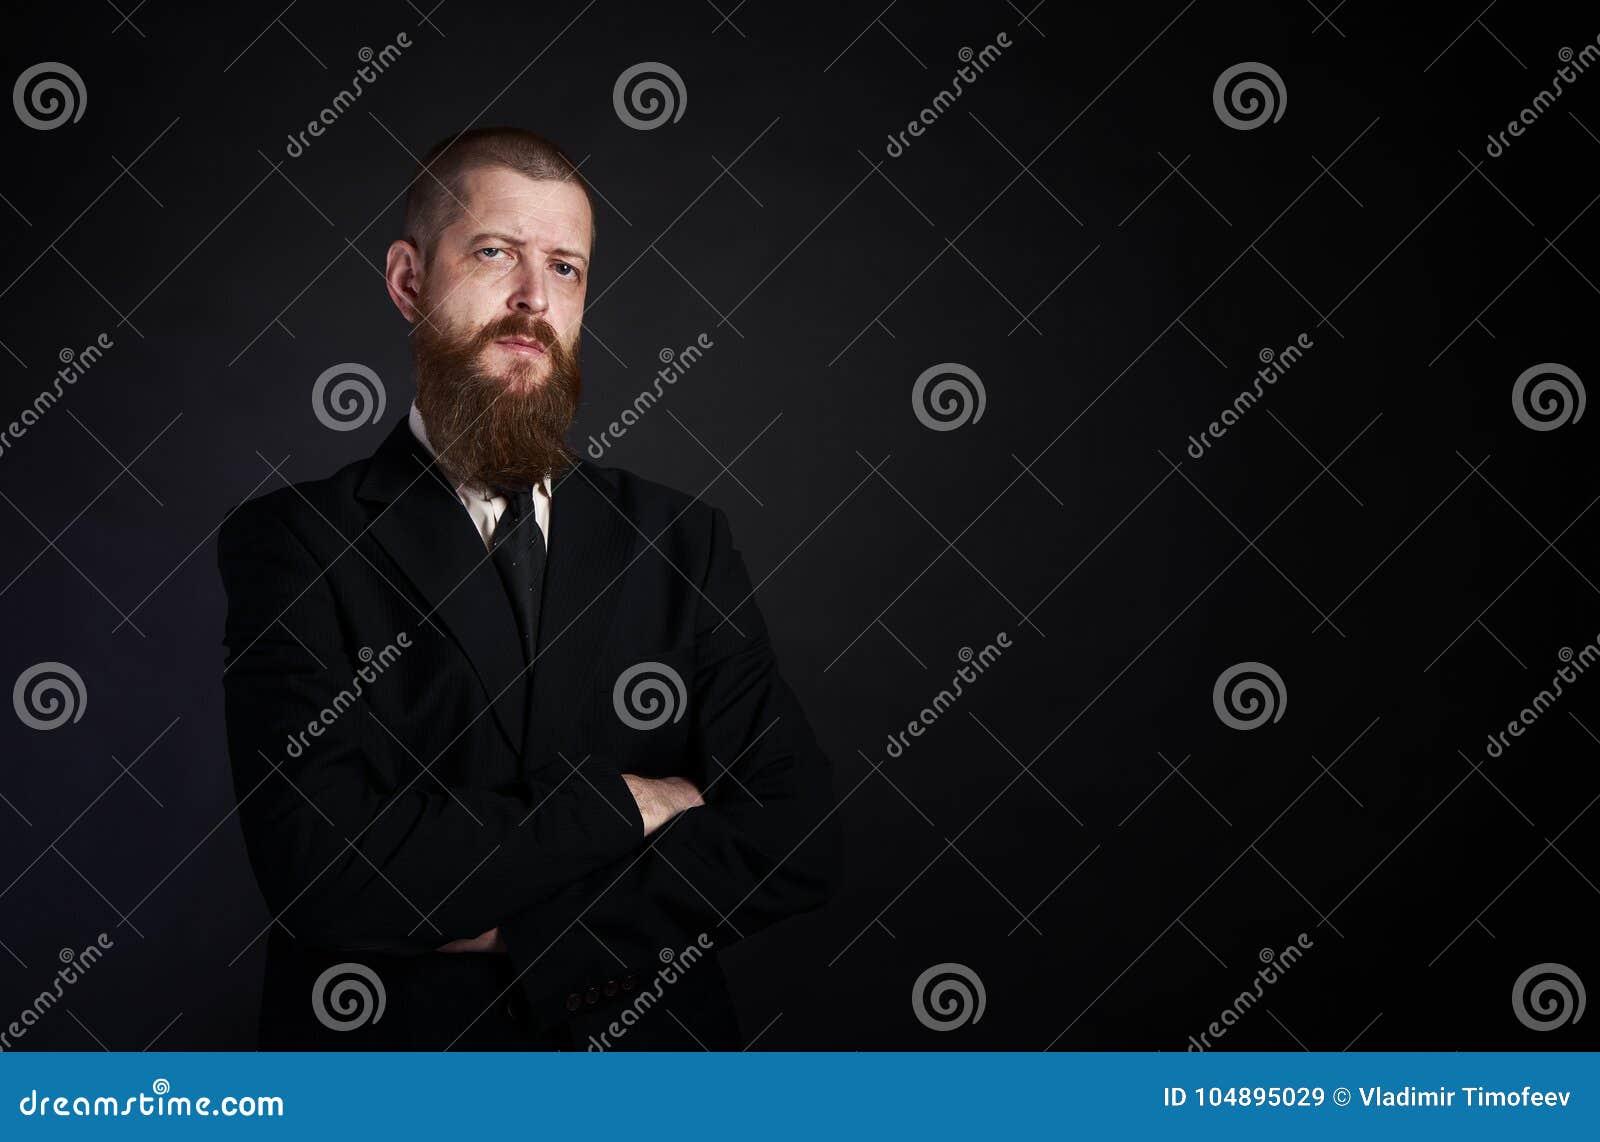 Бизнесмен с бородой на черной предпосылке в черном месте костюма для экземпляр-затира